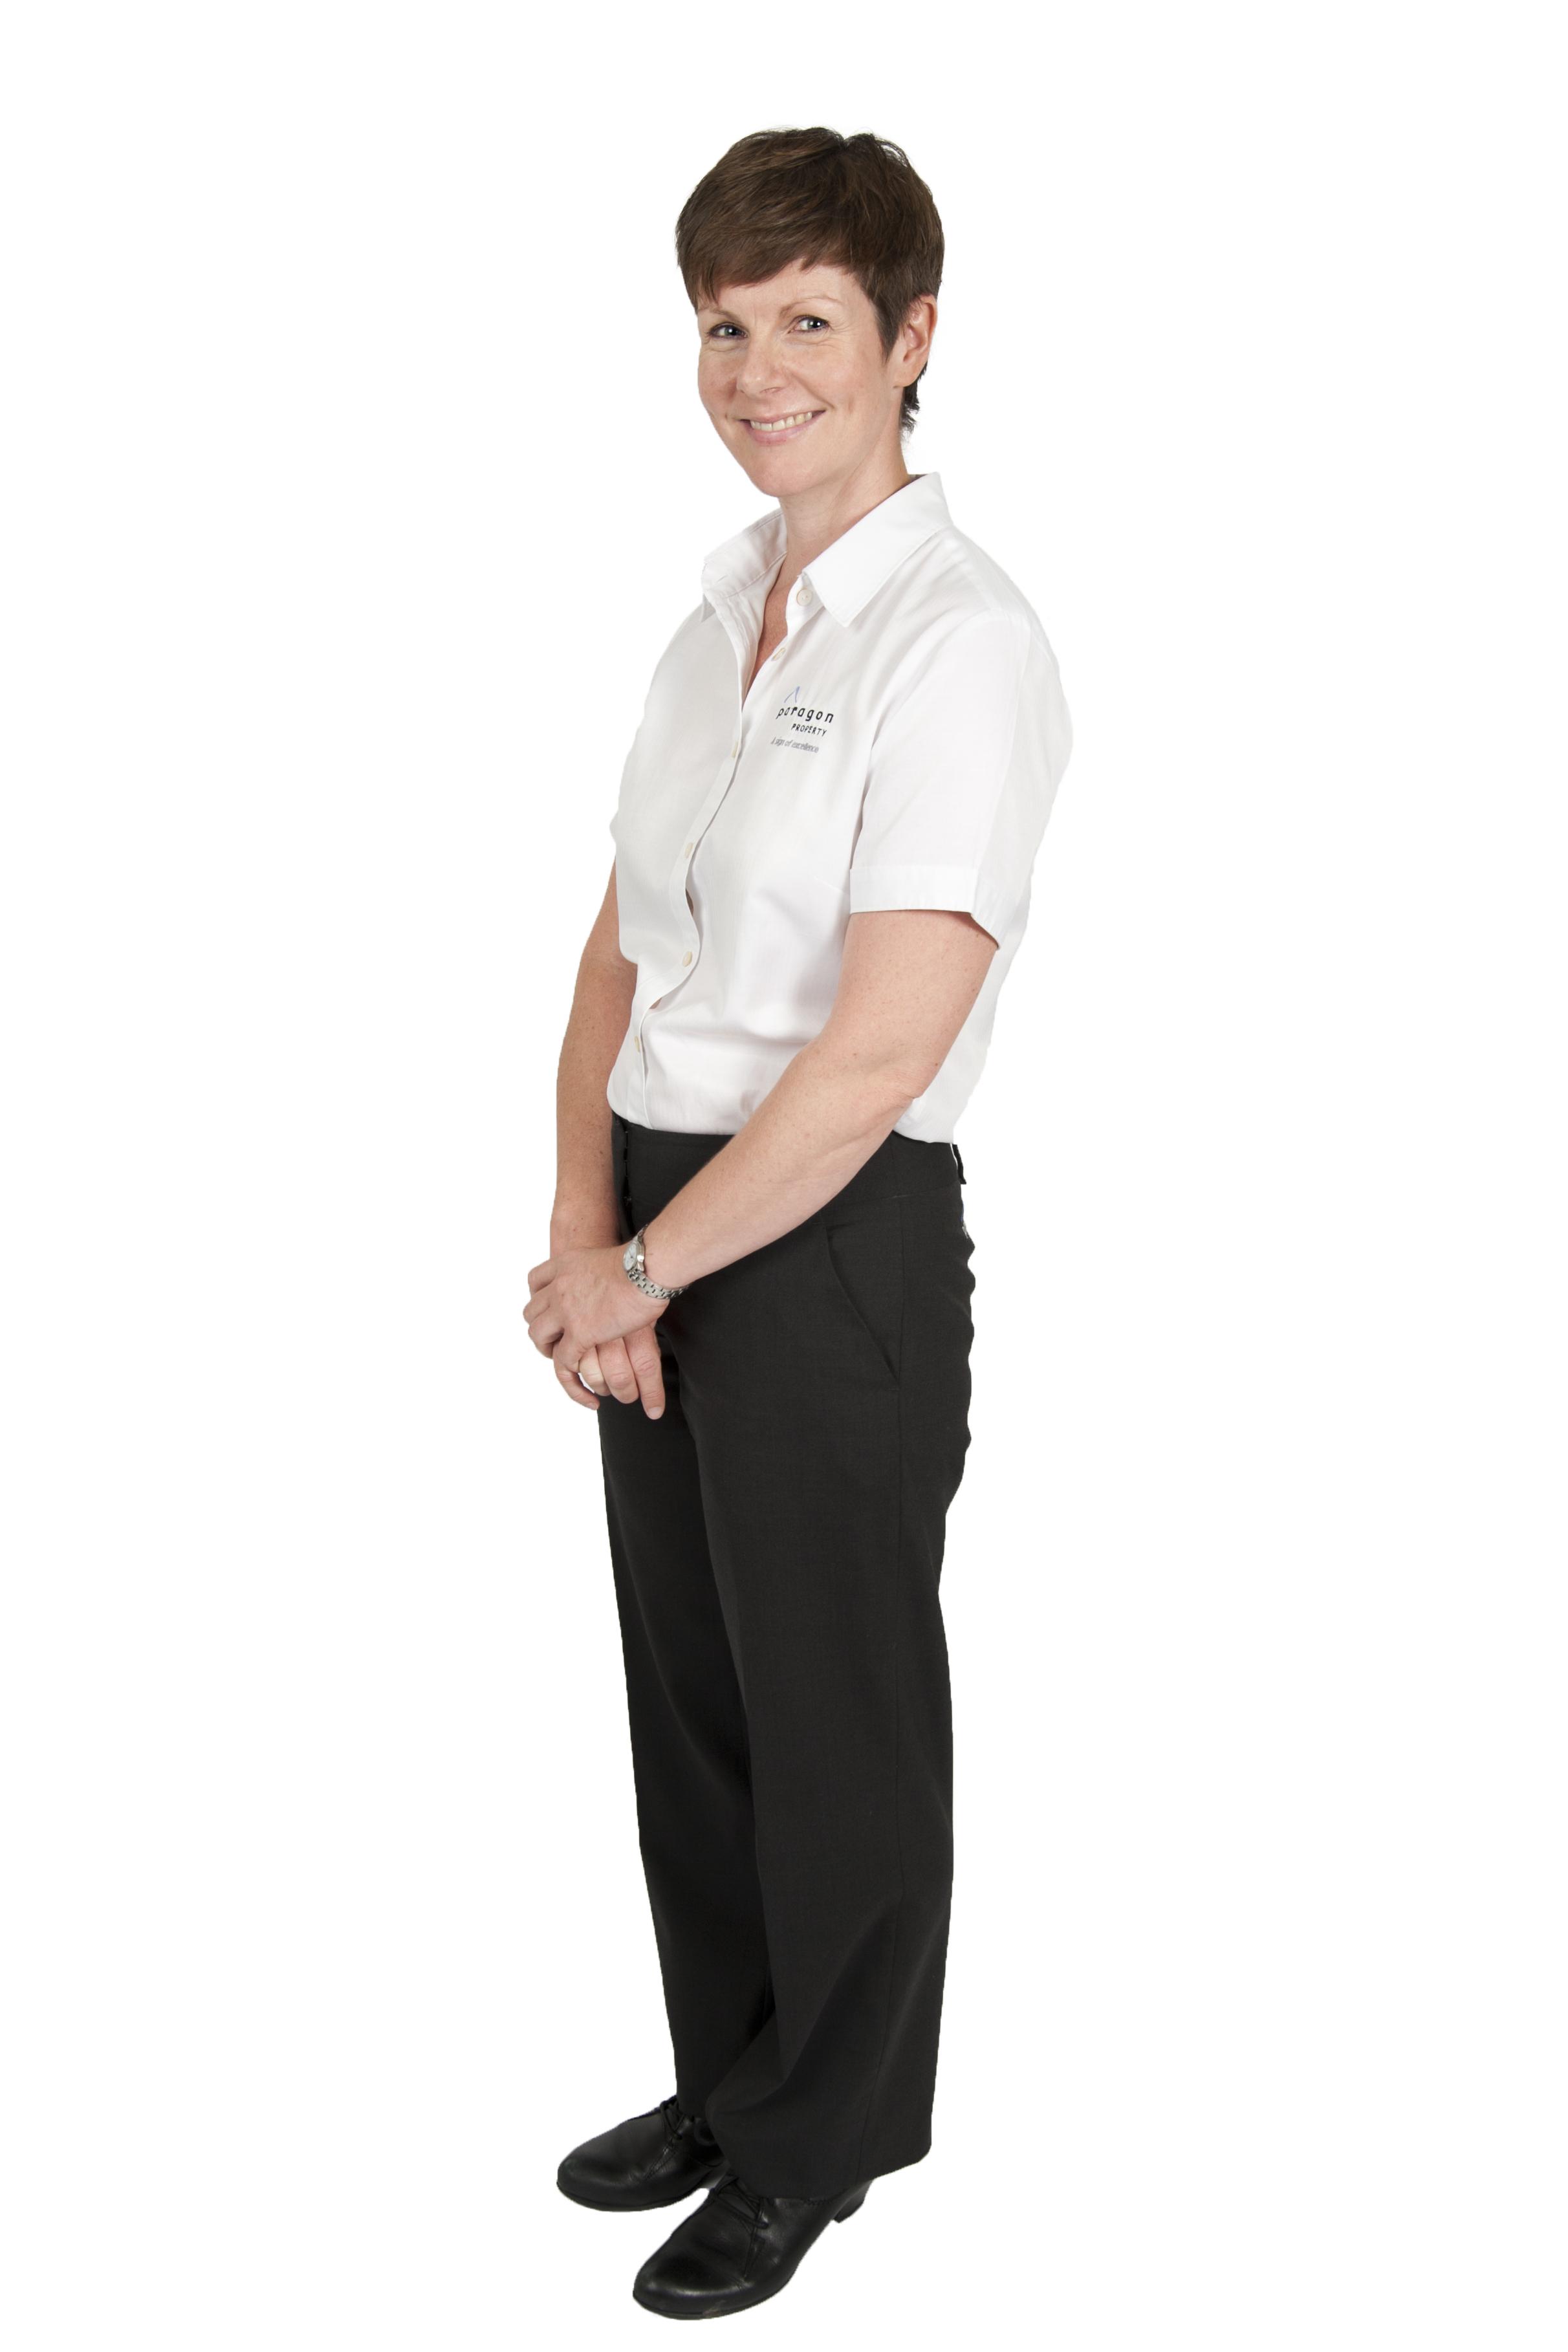 Sarah Bottomley